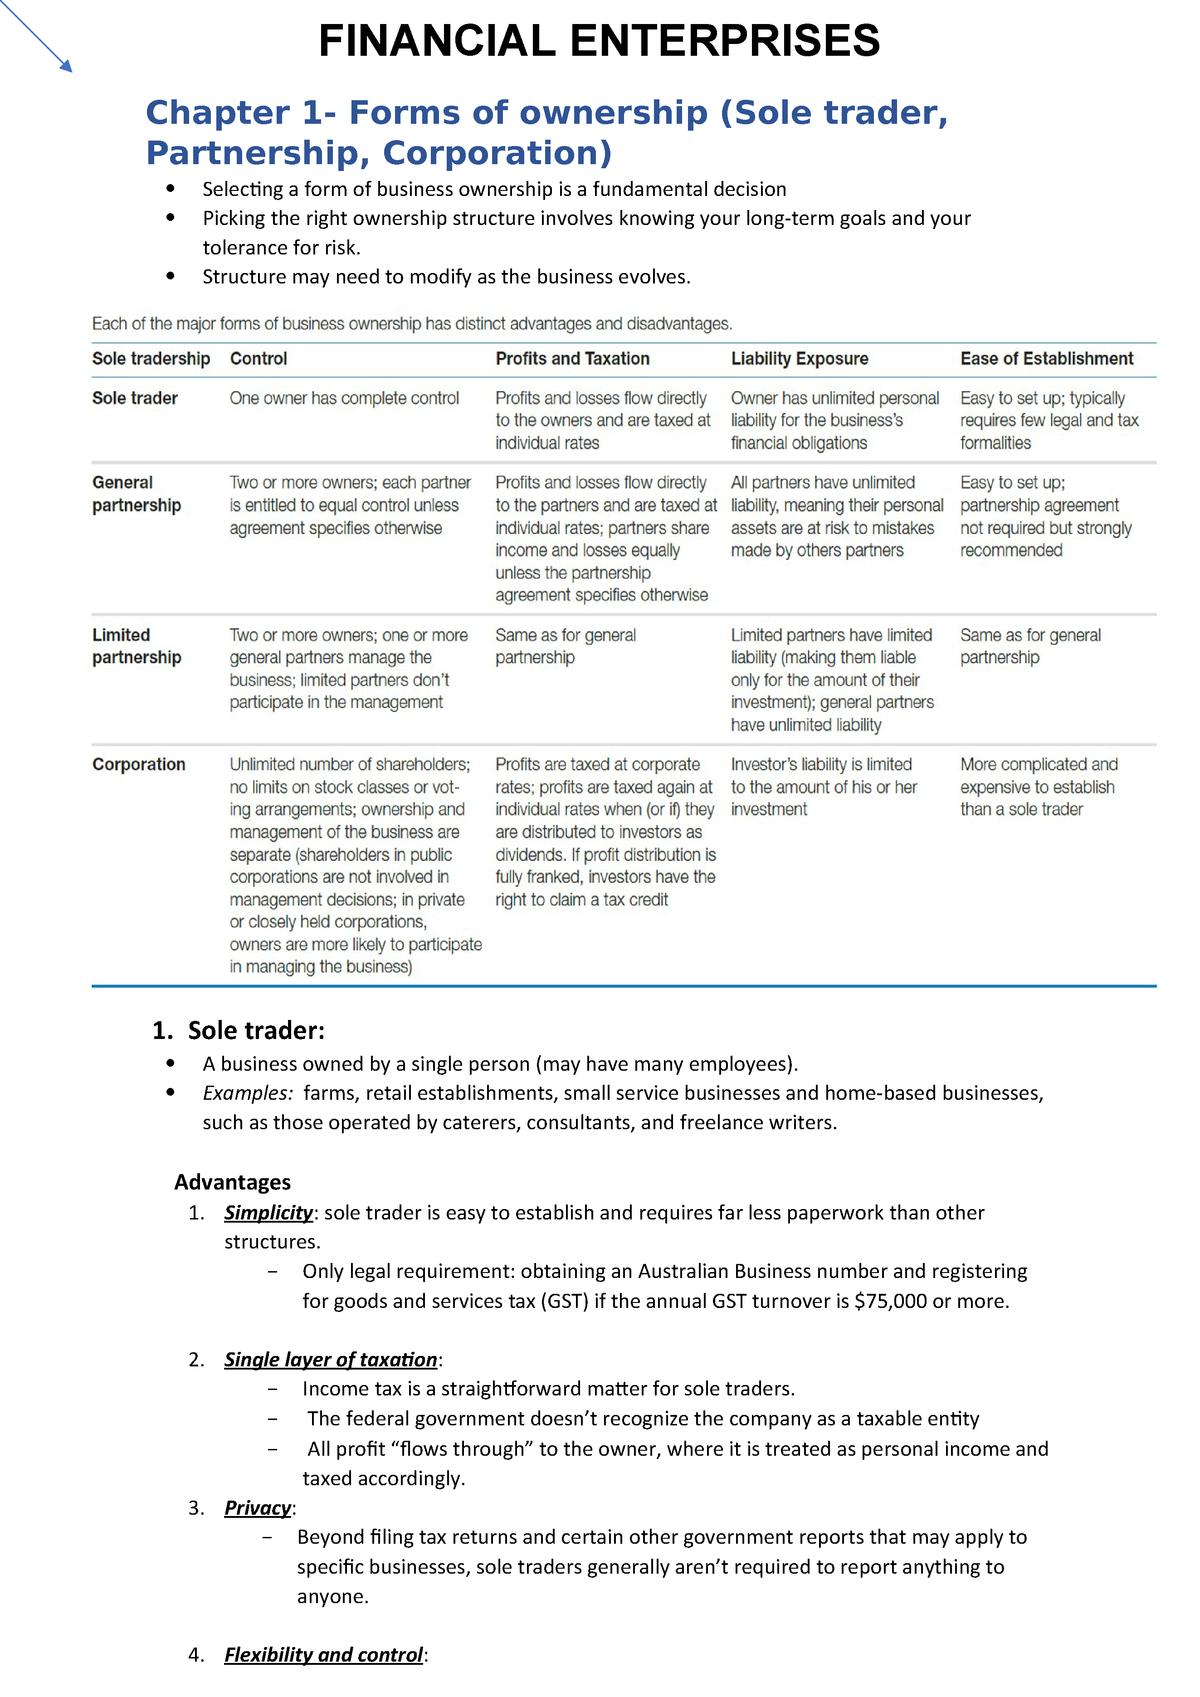 Financial Enterprises notes docx - 721007 - UWS - StuDocu